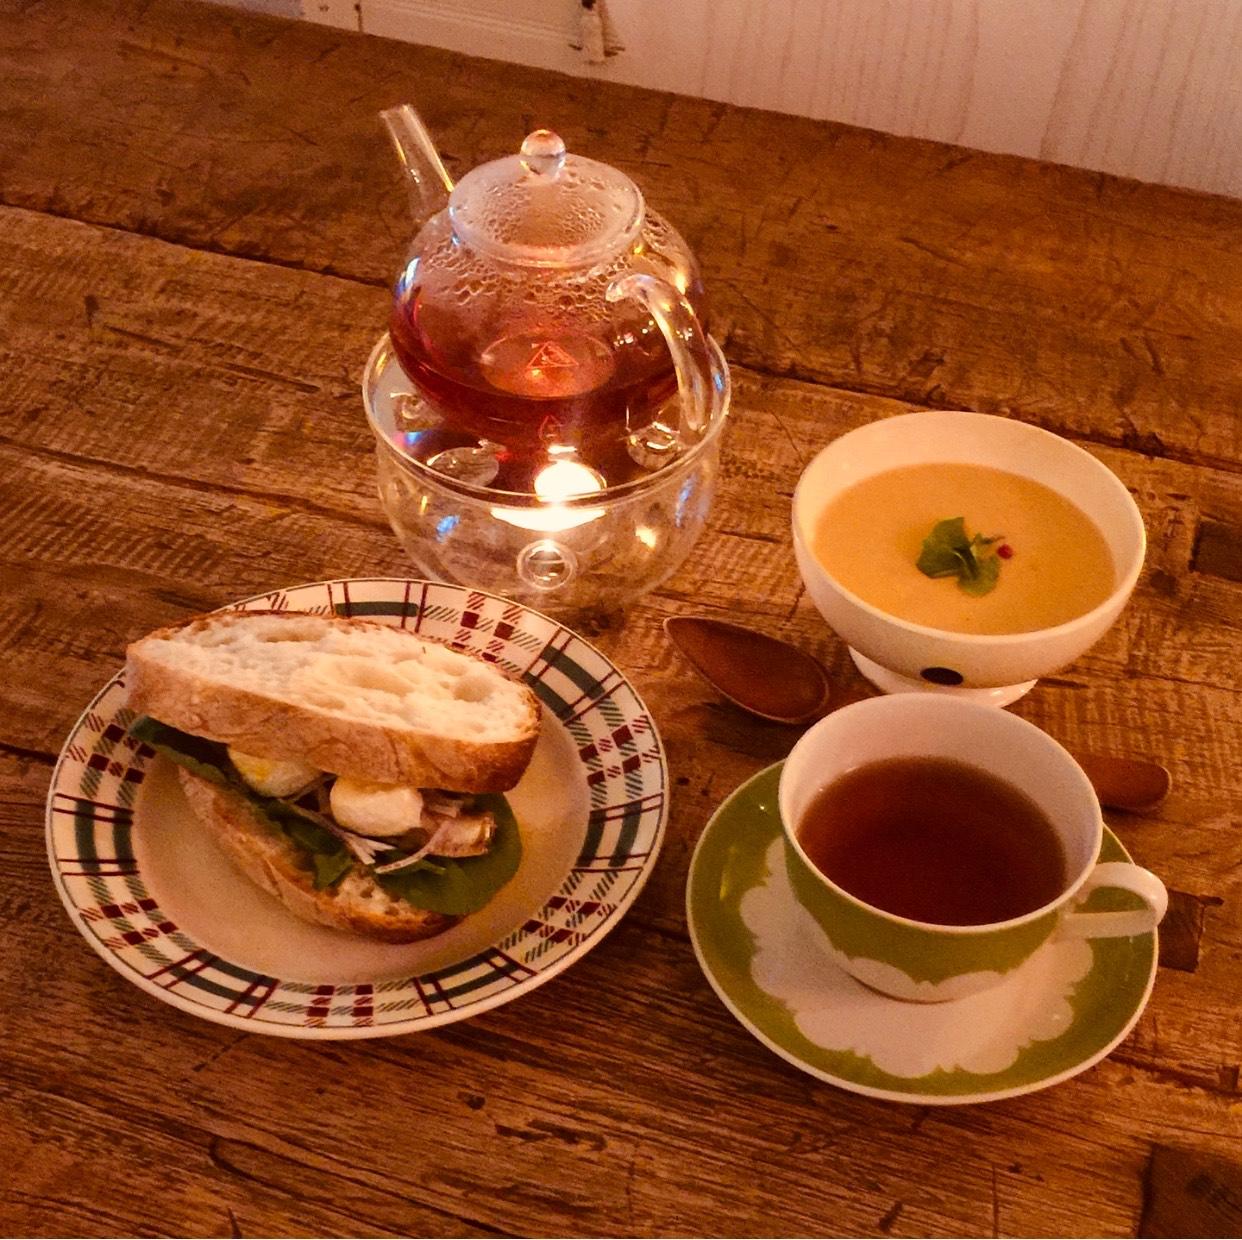 【火曜朝枠のお店紹介】ボンジュール紅茶-サンドウィッチとポタージュと たっぷりの紅茶-